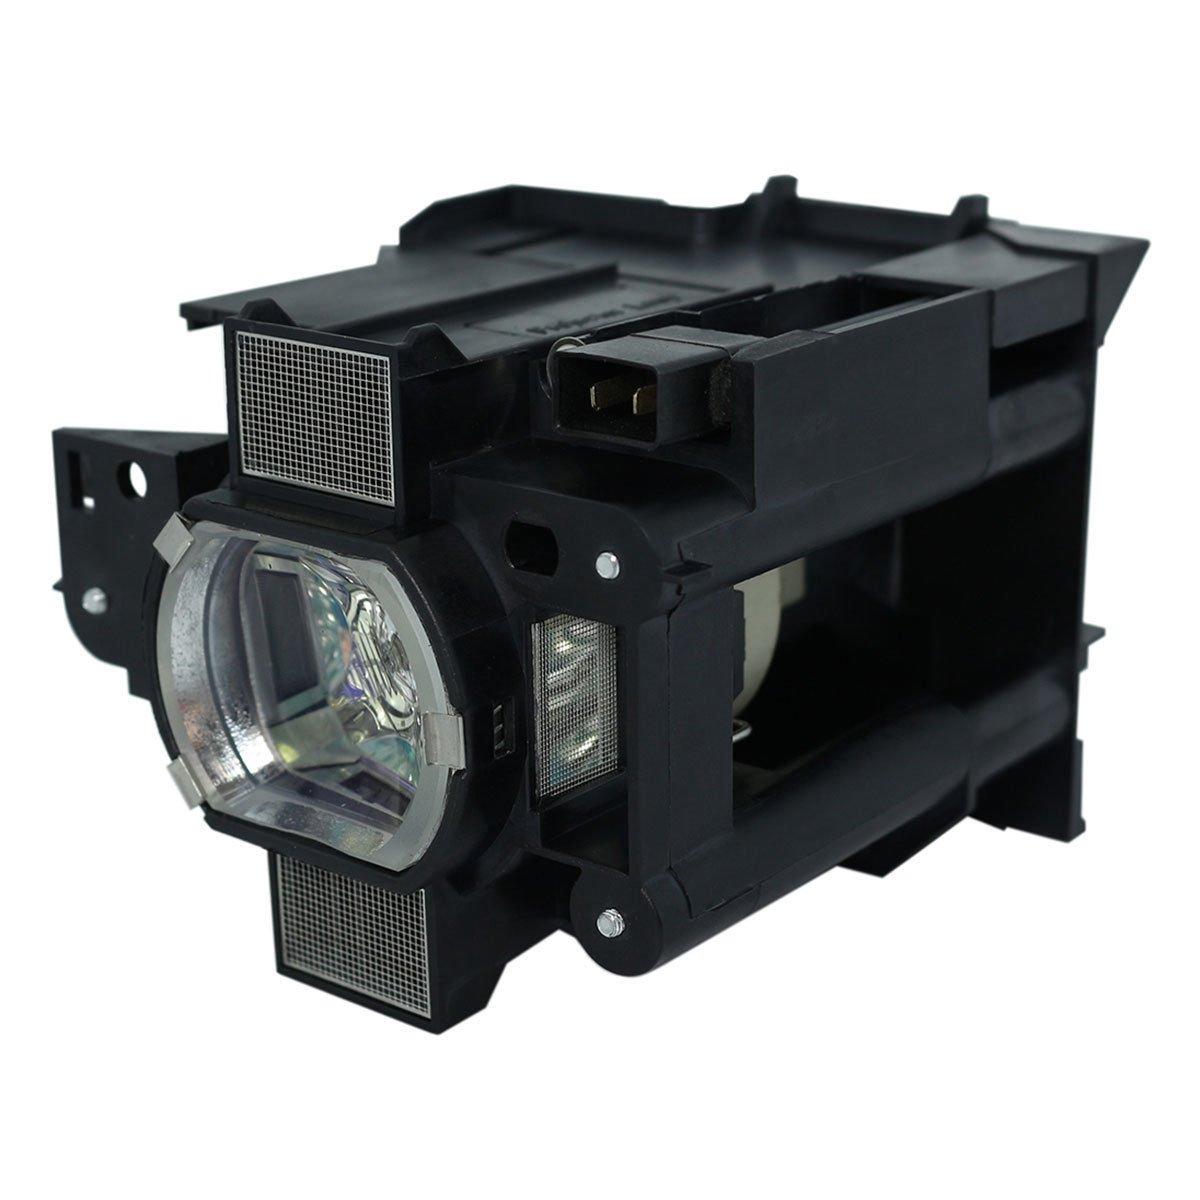 Supermait DT01291 プロジェクター交換用ランプ 汎用 150日間安心保証つき CP-SX8350 / CP-WU8450 / CP-WU8451 / CP-WUX8450 / CP-WX8255 / CP-WX8255A / CP-X8160 / HCP-D757S 対応 B078Y48W5X